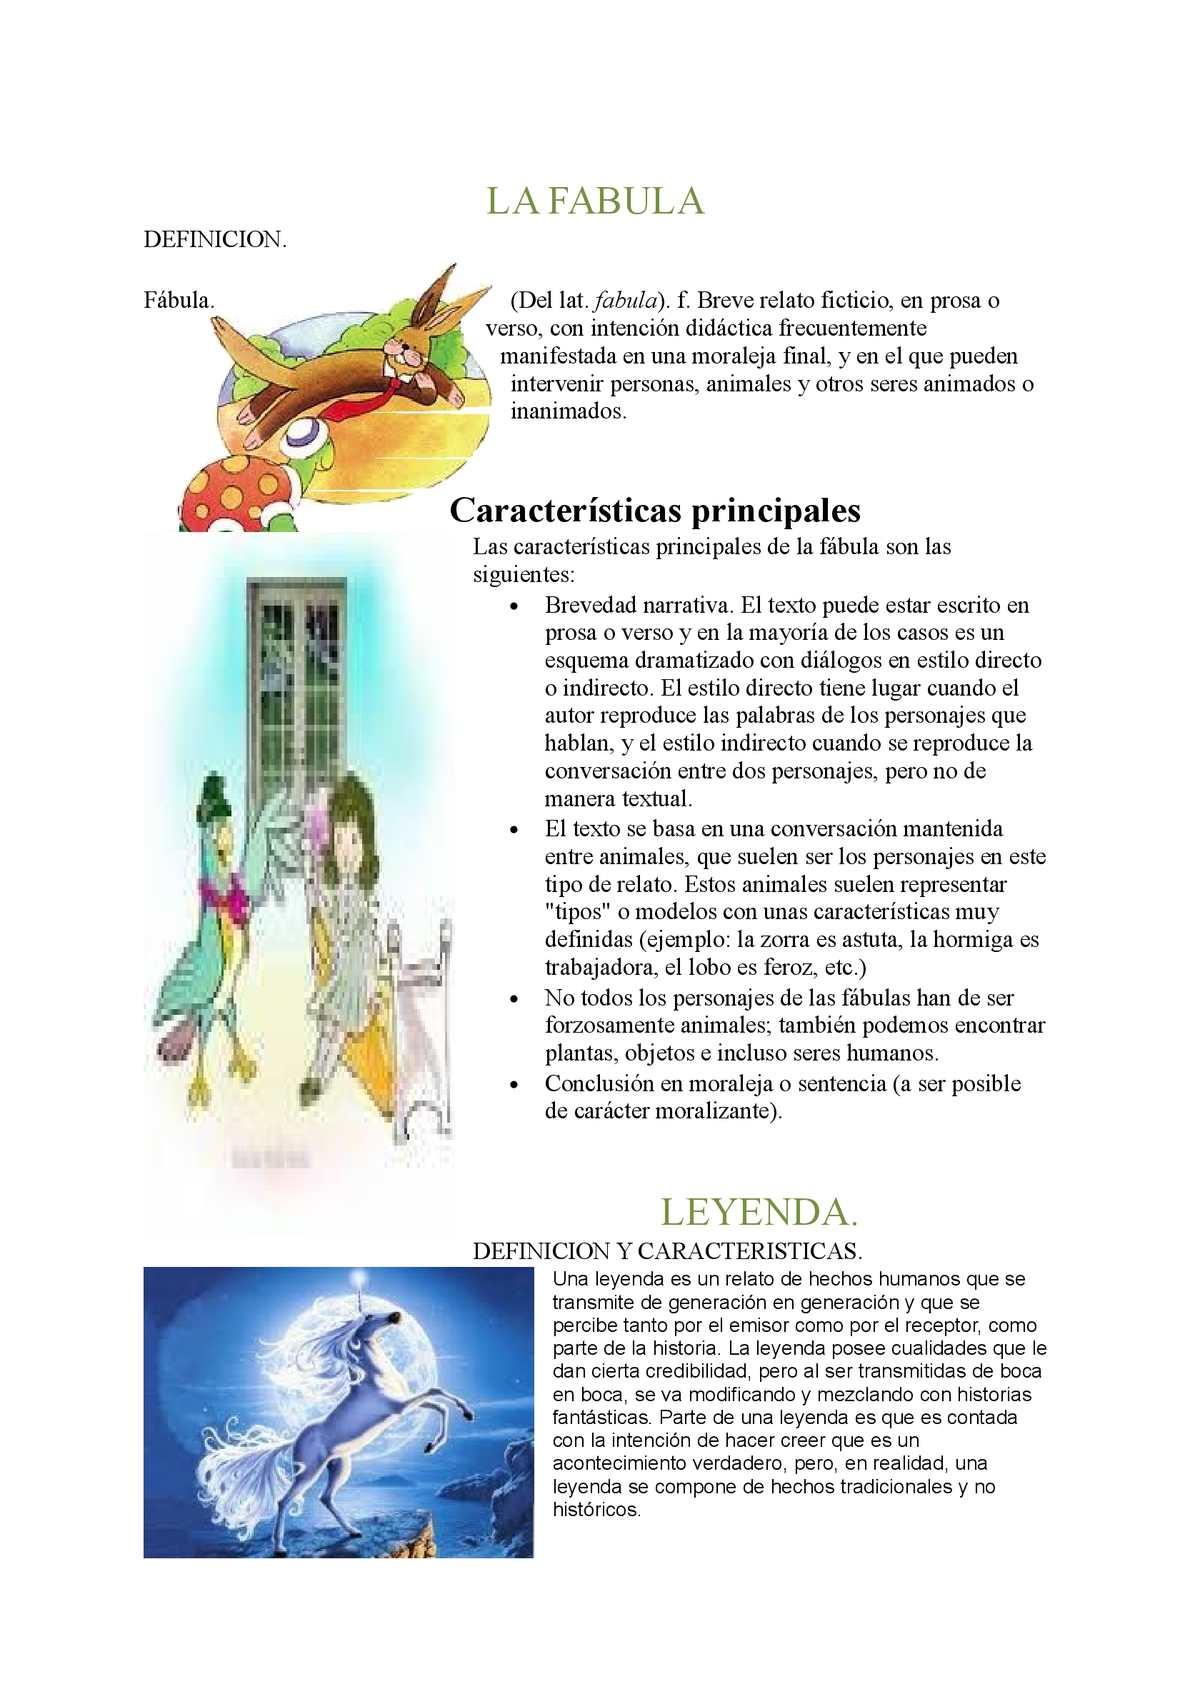 Calaméo Definicion Fabula Y Leyenda